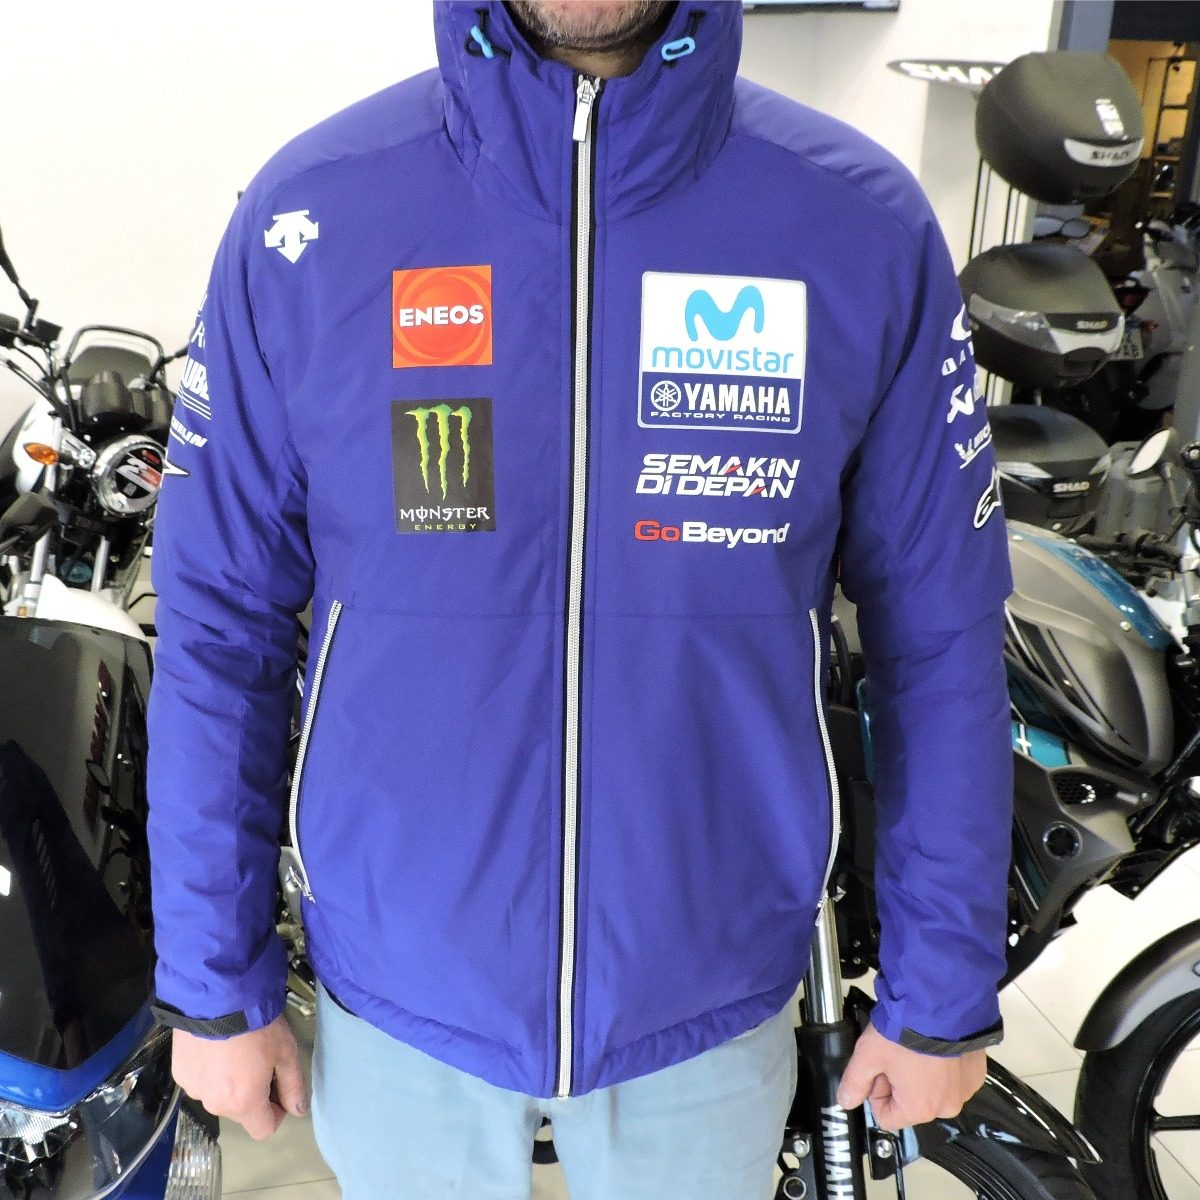 ropa deportiva de alto rendimiento últimos lanzamientos precios grandiosos Campera De Abrigo Yamaha Official Motogp 2018 Descente Brm